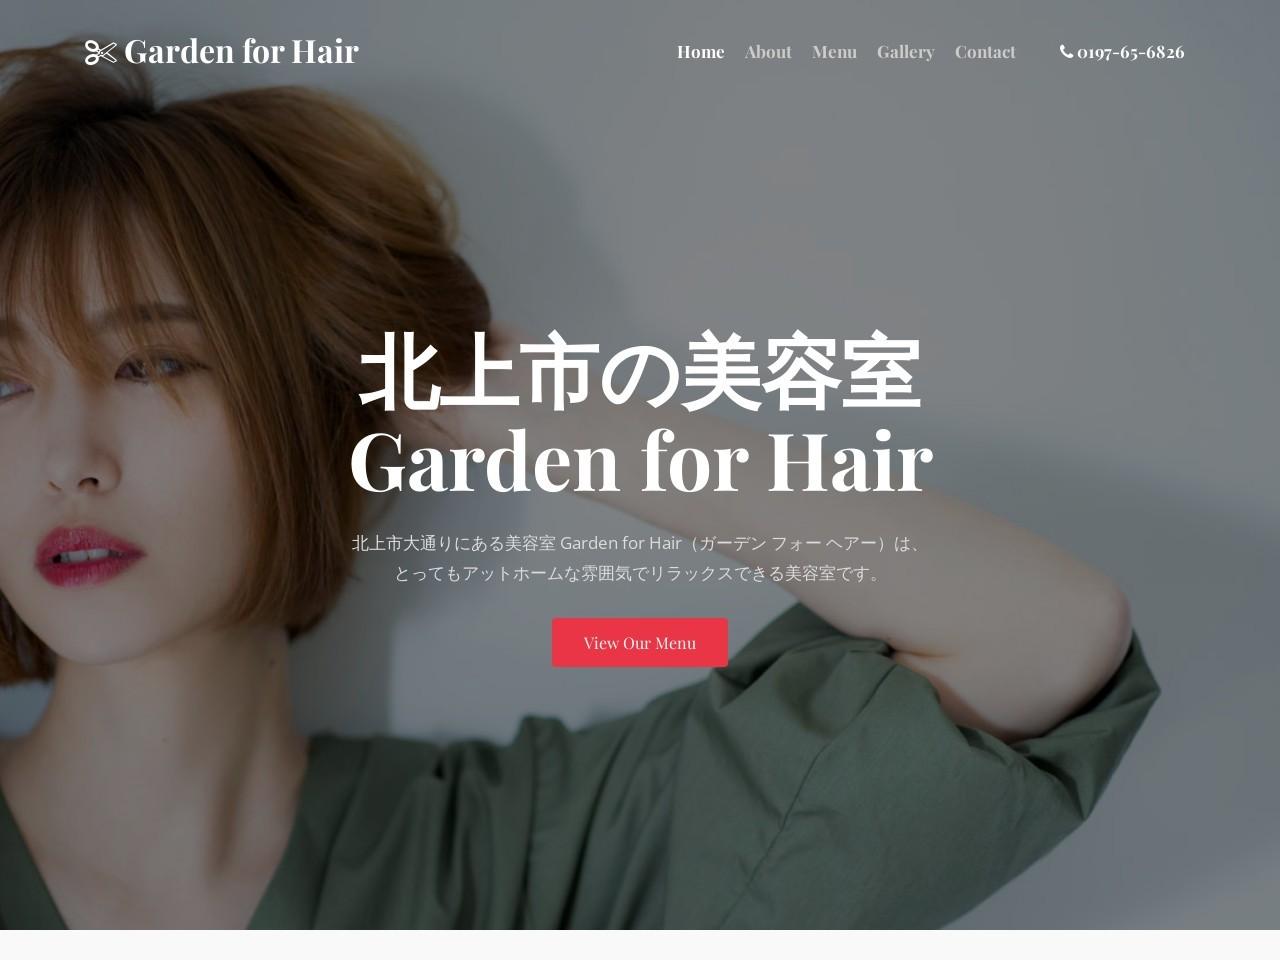 Garden for Hair